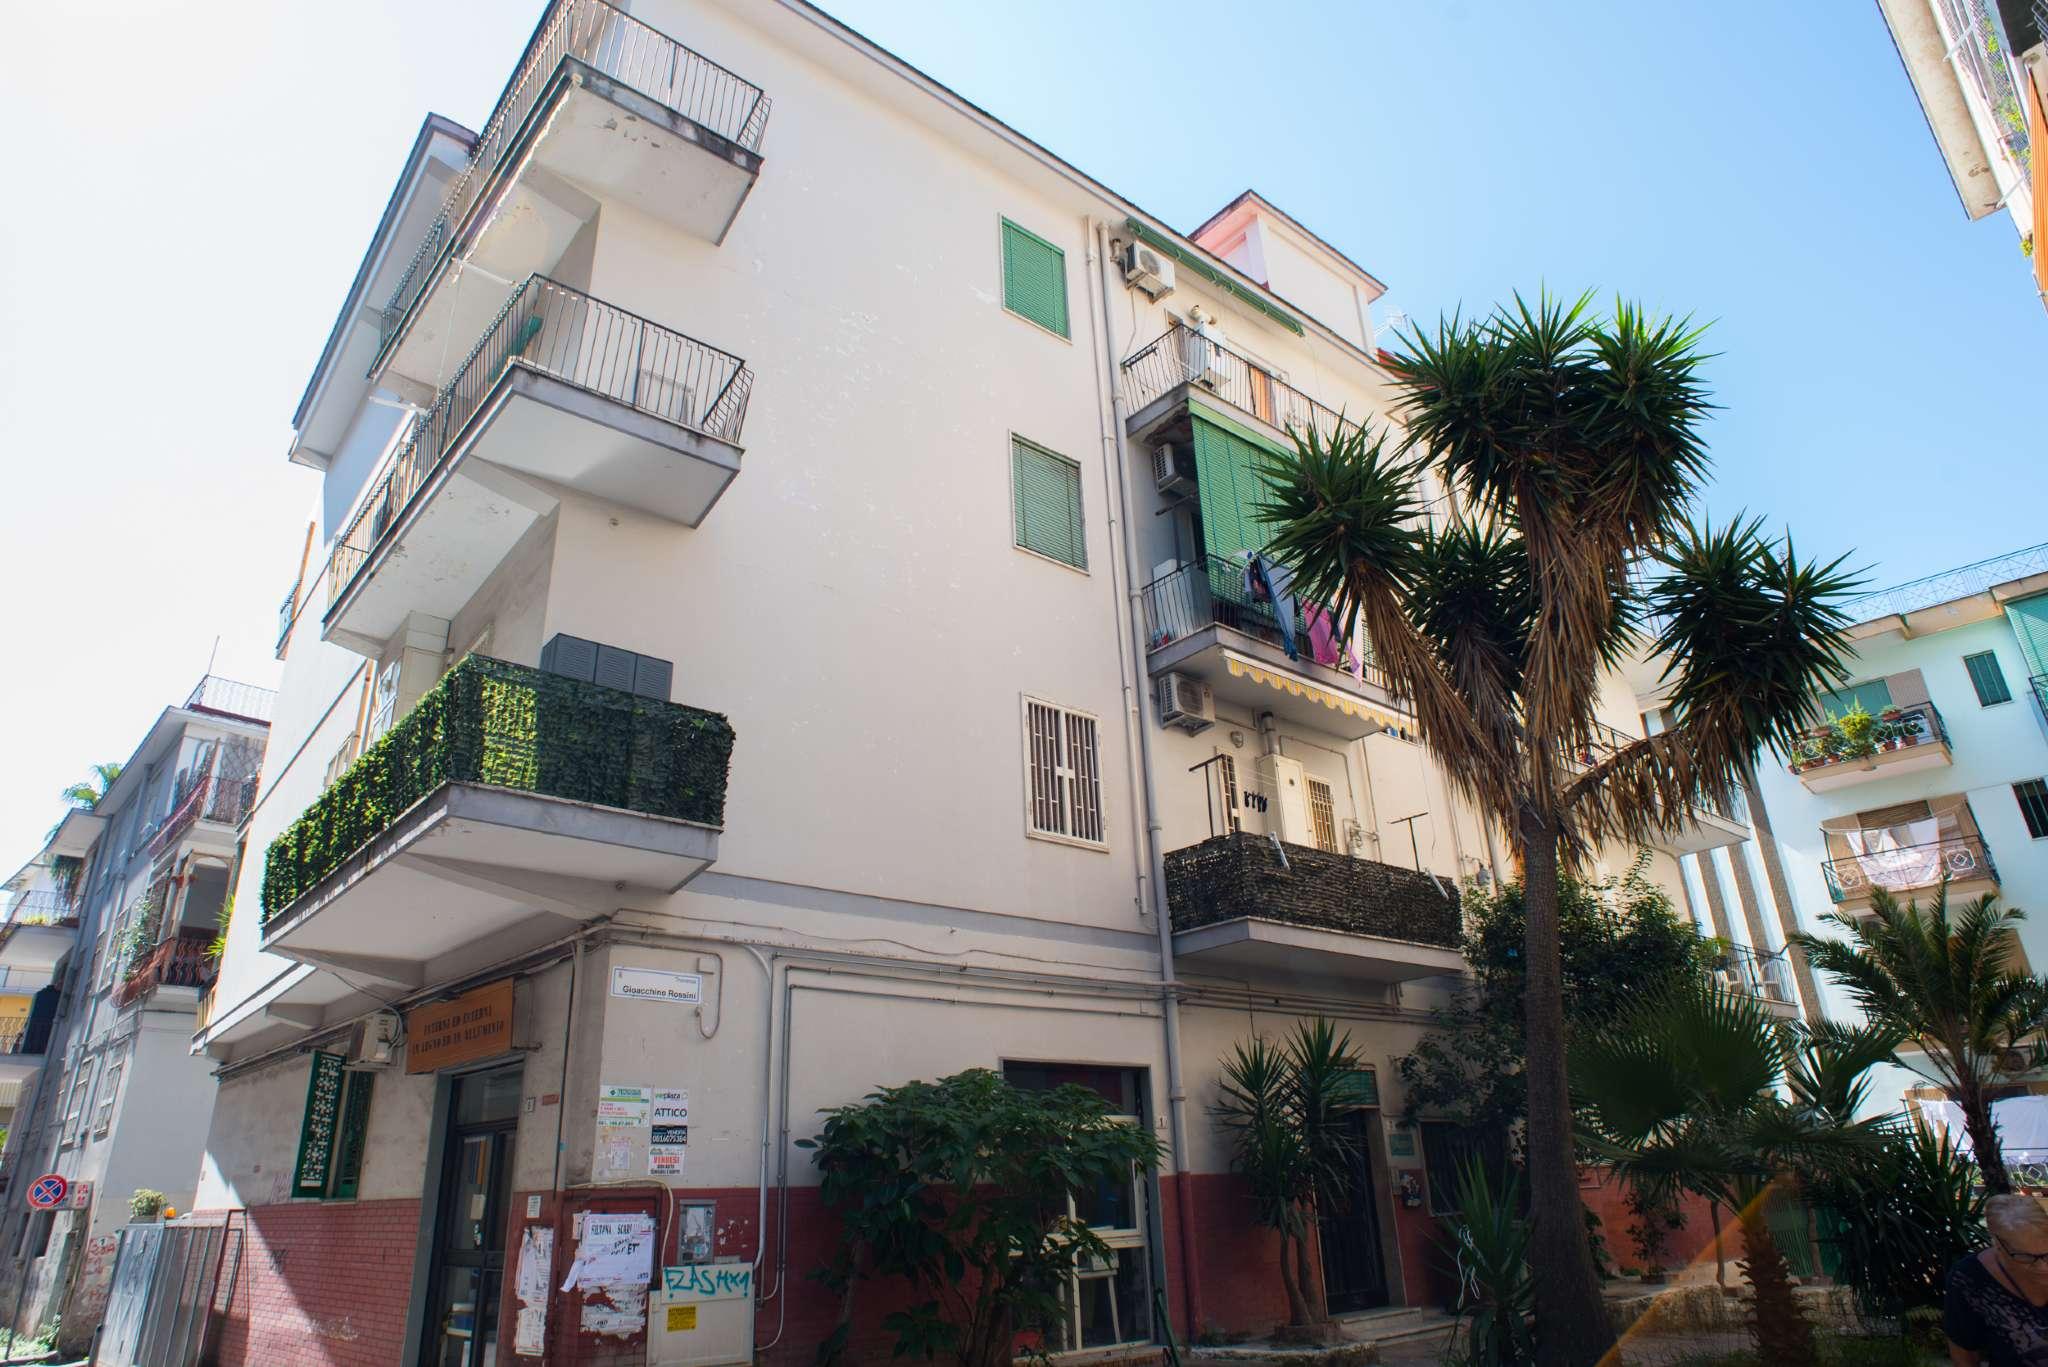 appartamenti in vendita a Portici - Cambiocasa.it